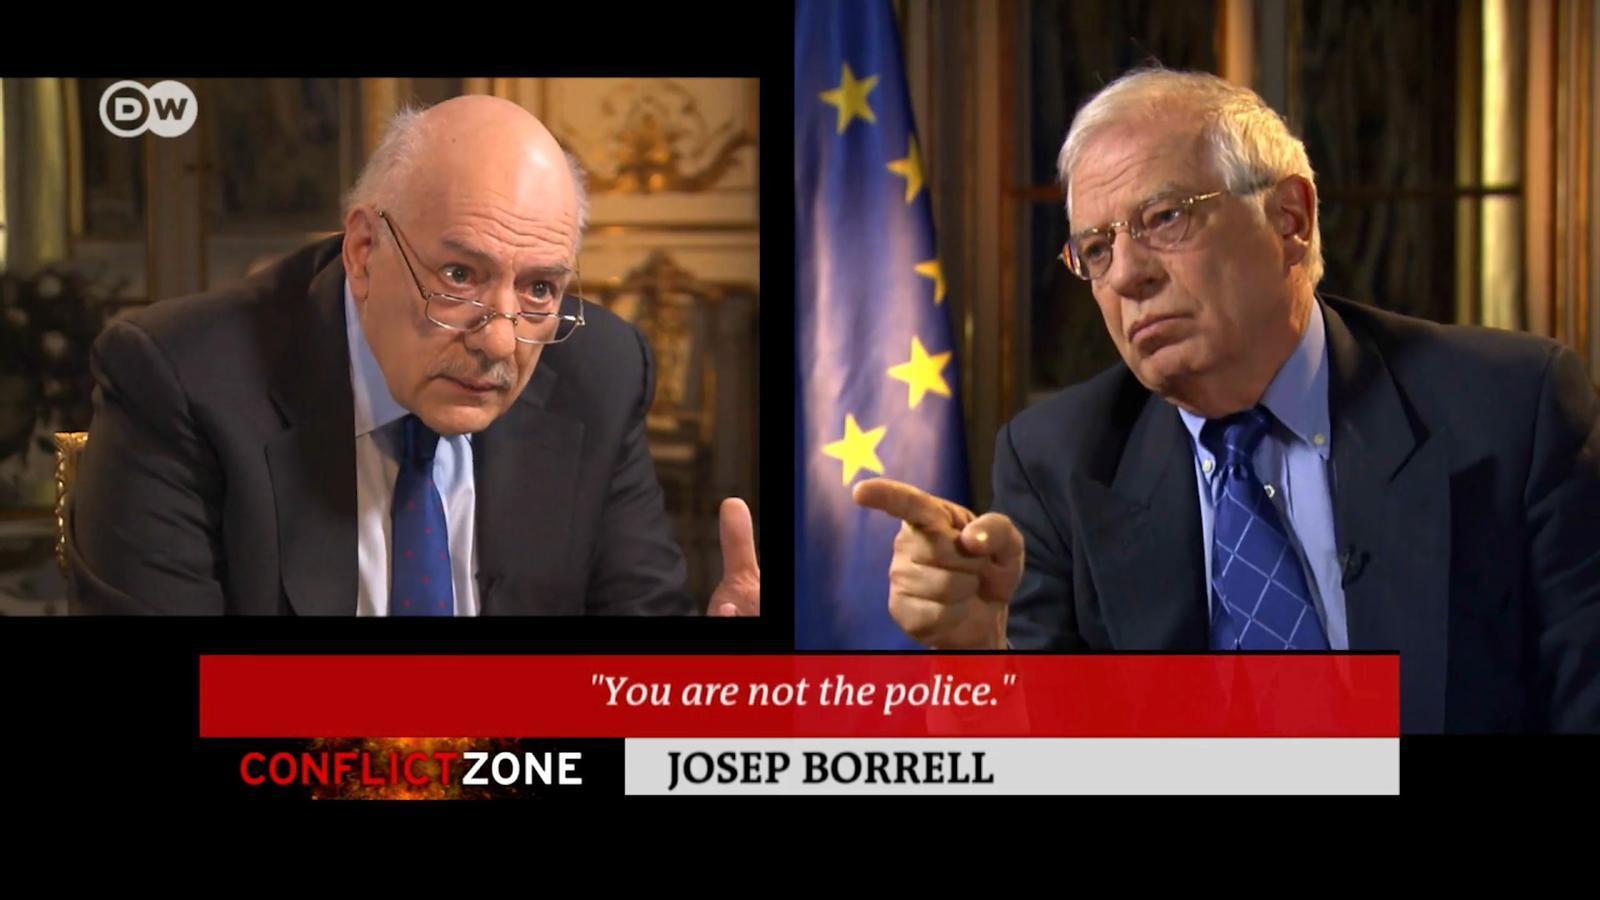 L'anàlisi d'Antoni Bassas: 'Una dona confinada 15 hores al dia en una cel·la, ¿és aquesta la imatge que volen ensenyar al món, senyor Borrell?'